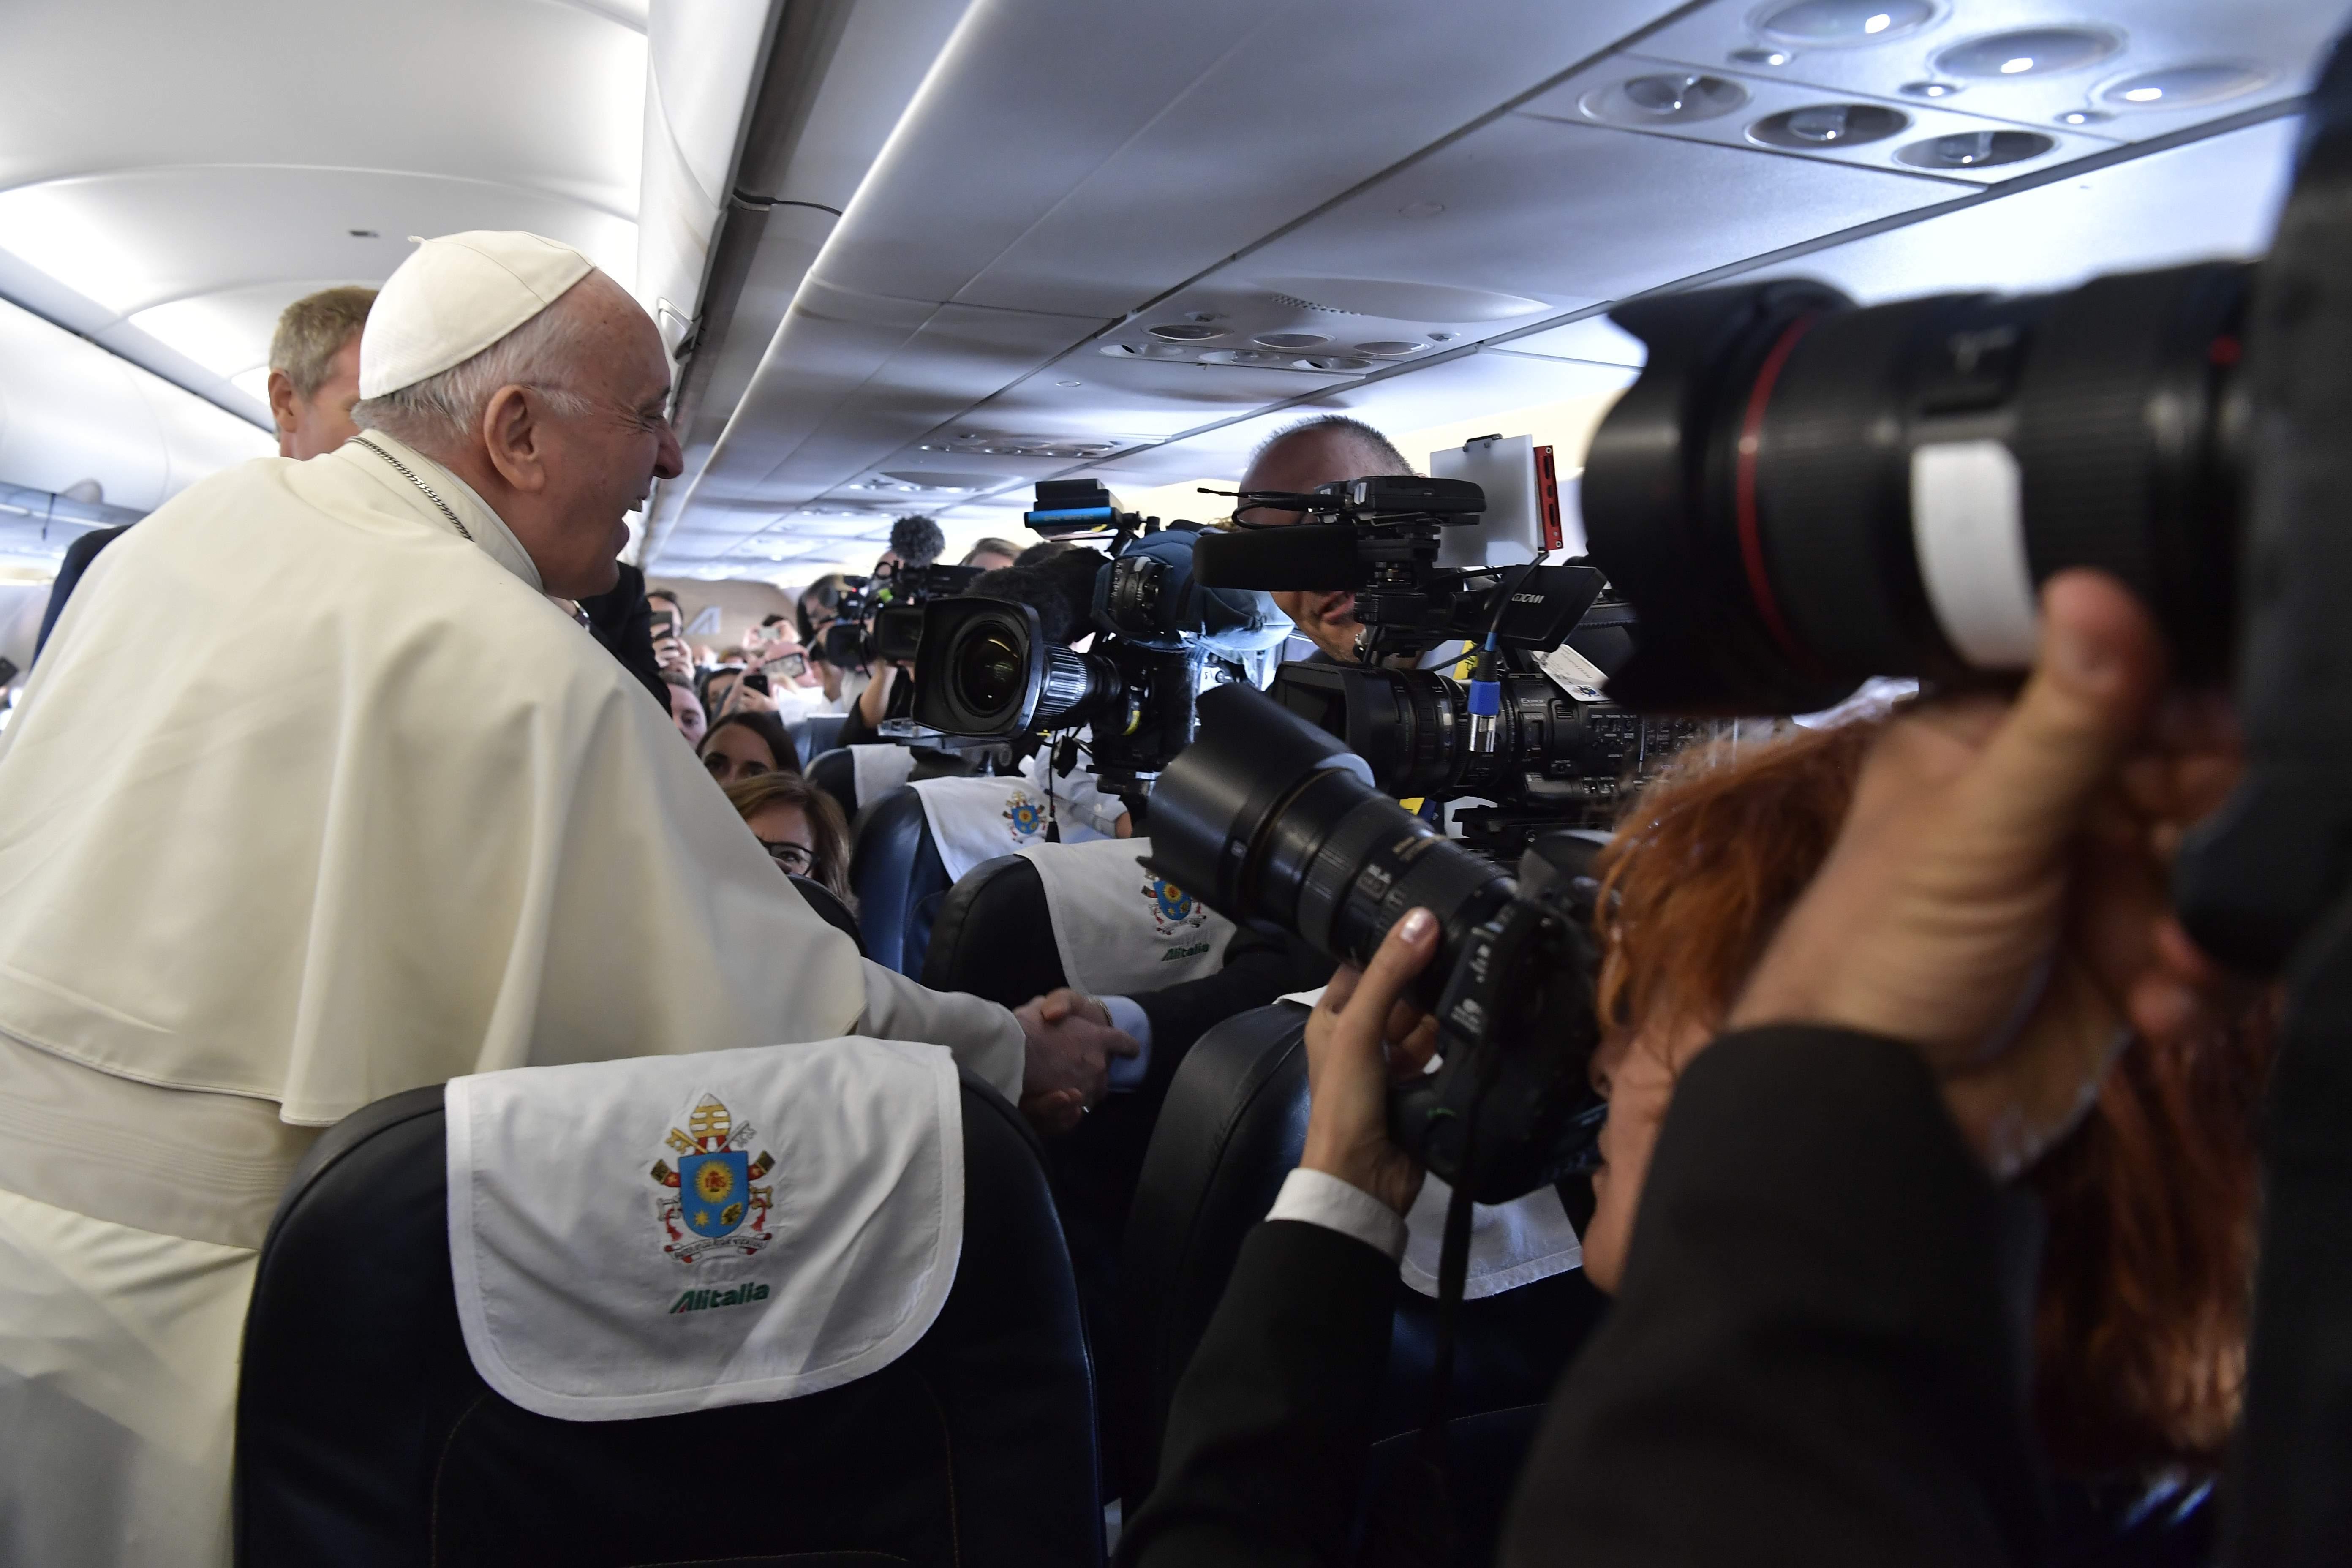 Vuelo papal a Dublín, 25 agosto 2018 © Vatican Media